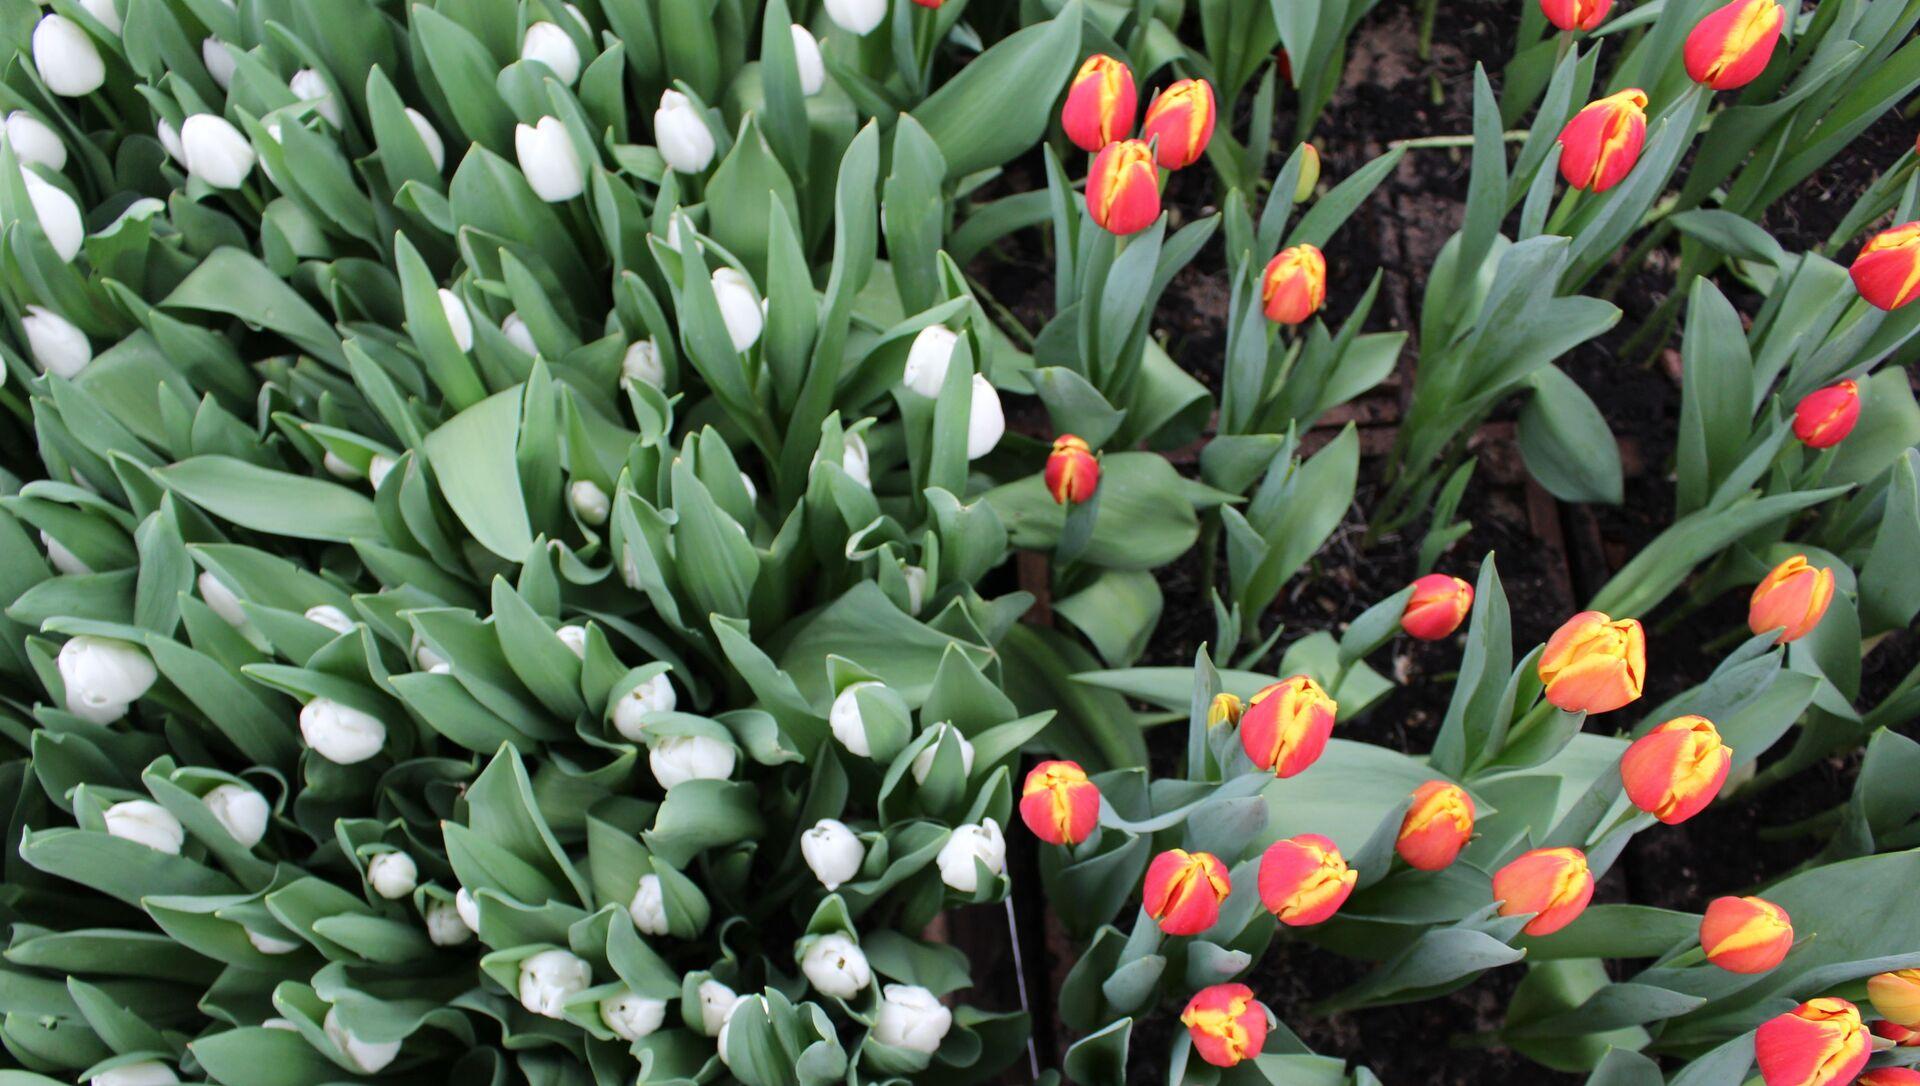 В последние годы многим женщинам понравилось сочетание белых тюльпанов с фиолетовыми, красными или розовыми. Полюбились и цветы с двухцветными бутонами.  - Sputnik Беларусь, 1920, 03.03.2021